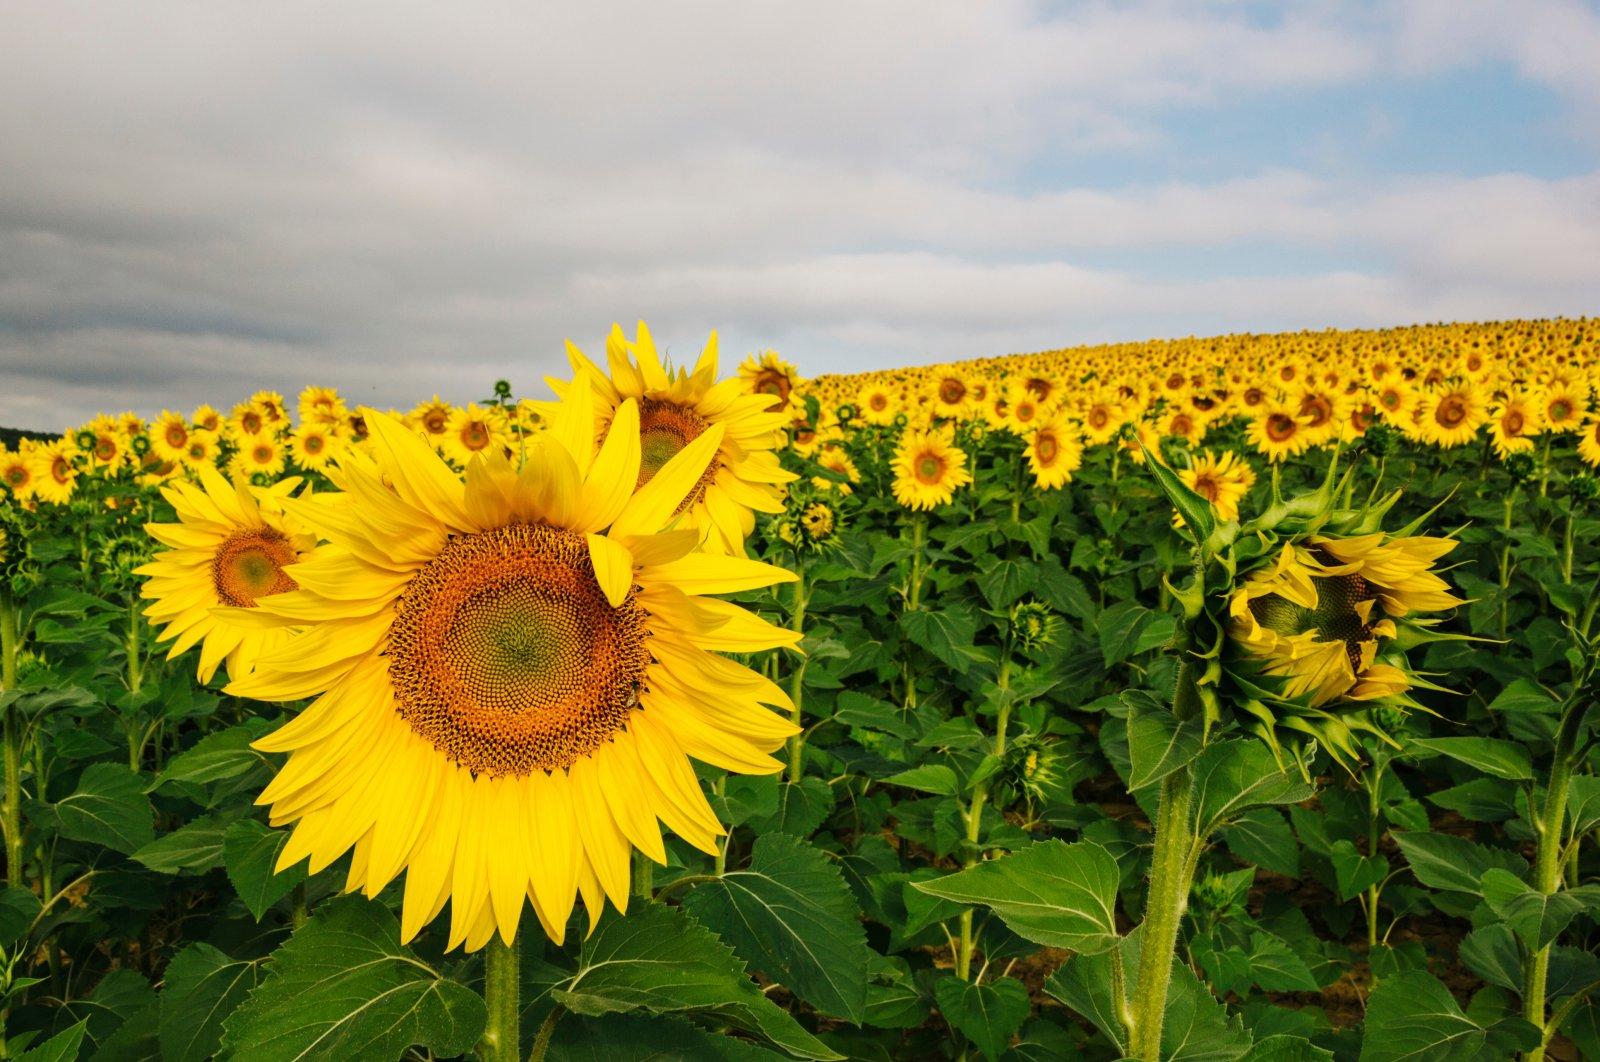 A sunflower field in Tekirdağ, Turkey. (Shutterstock Photo)